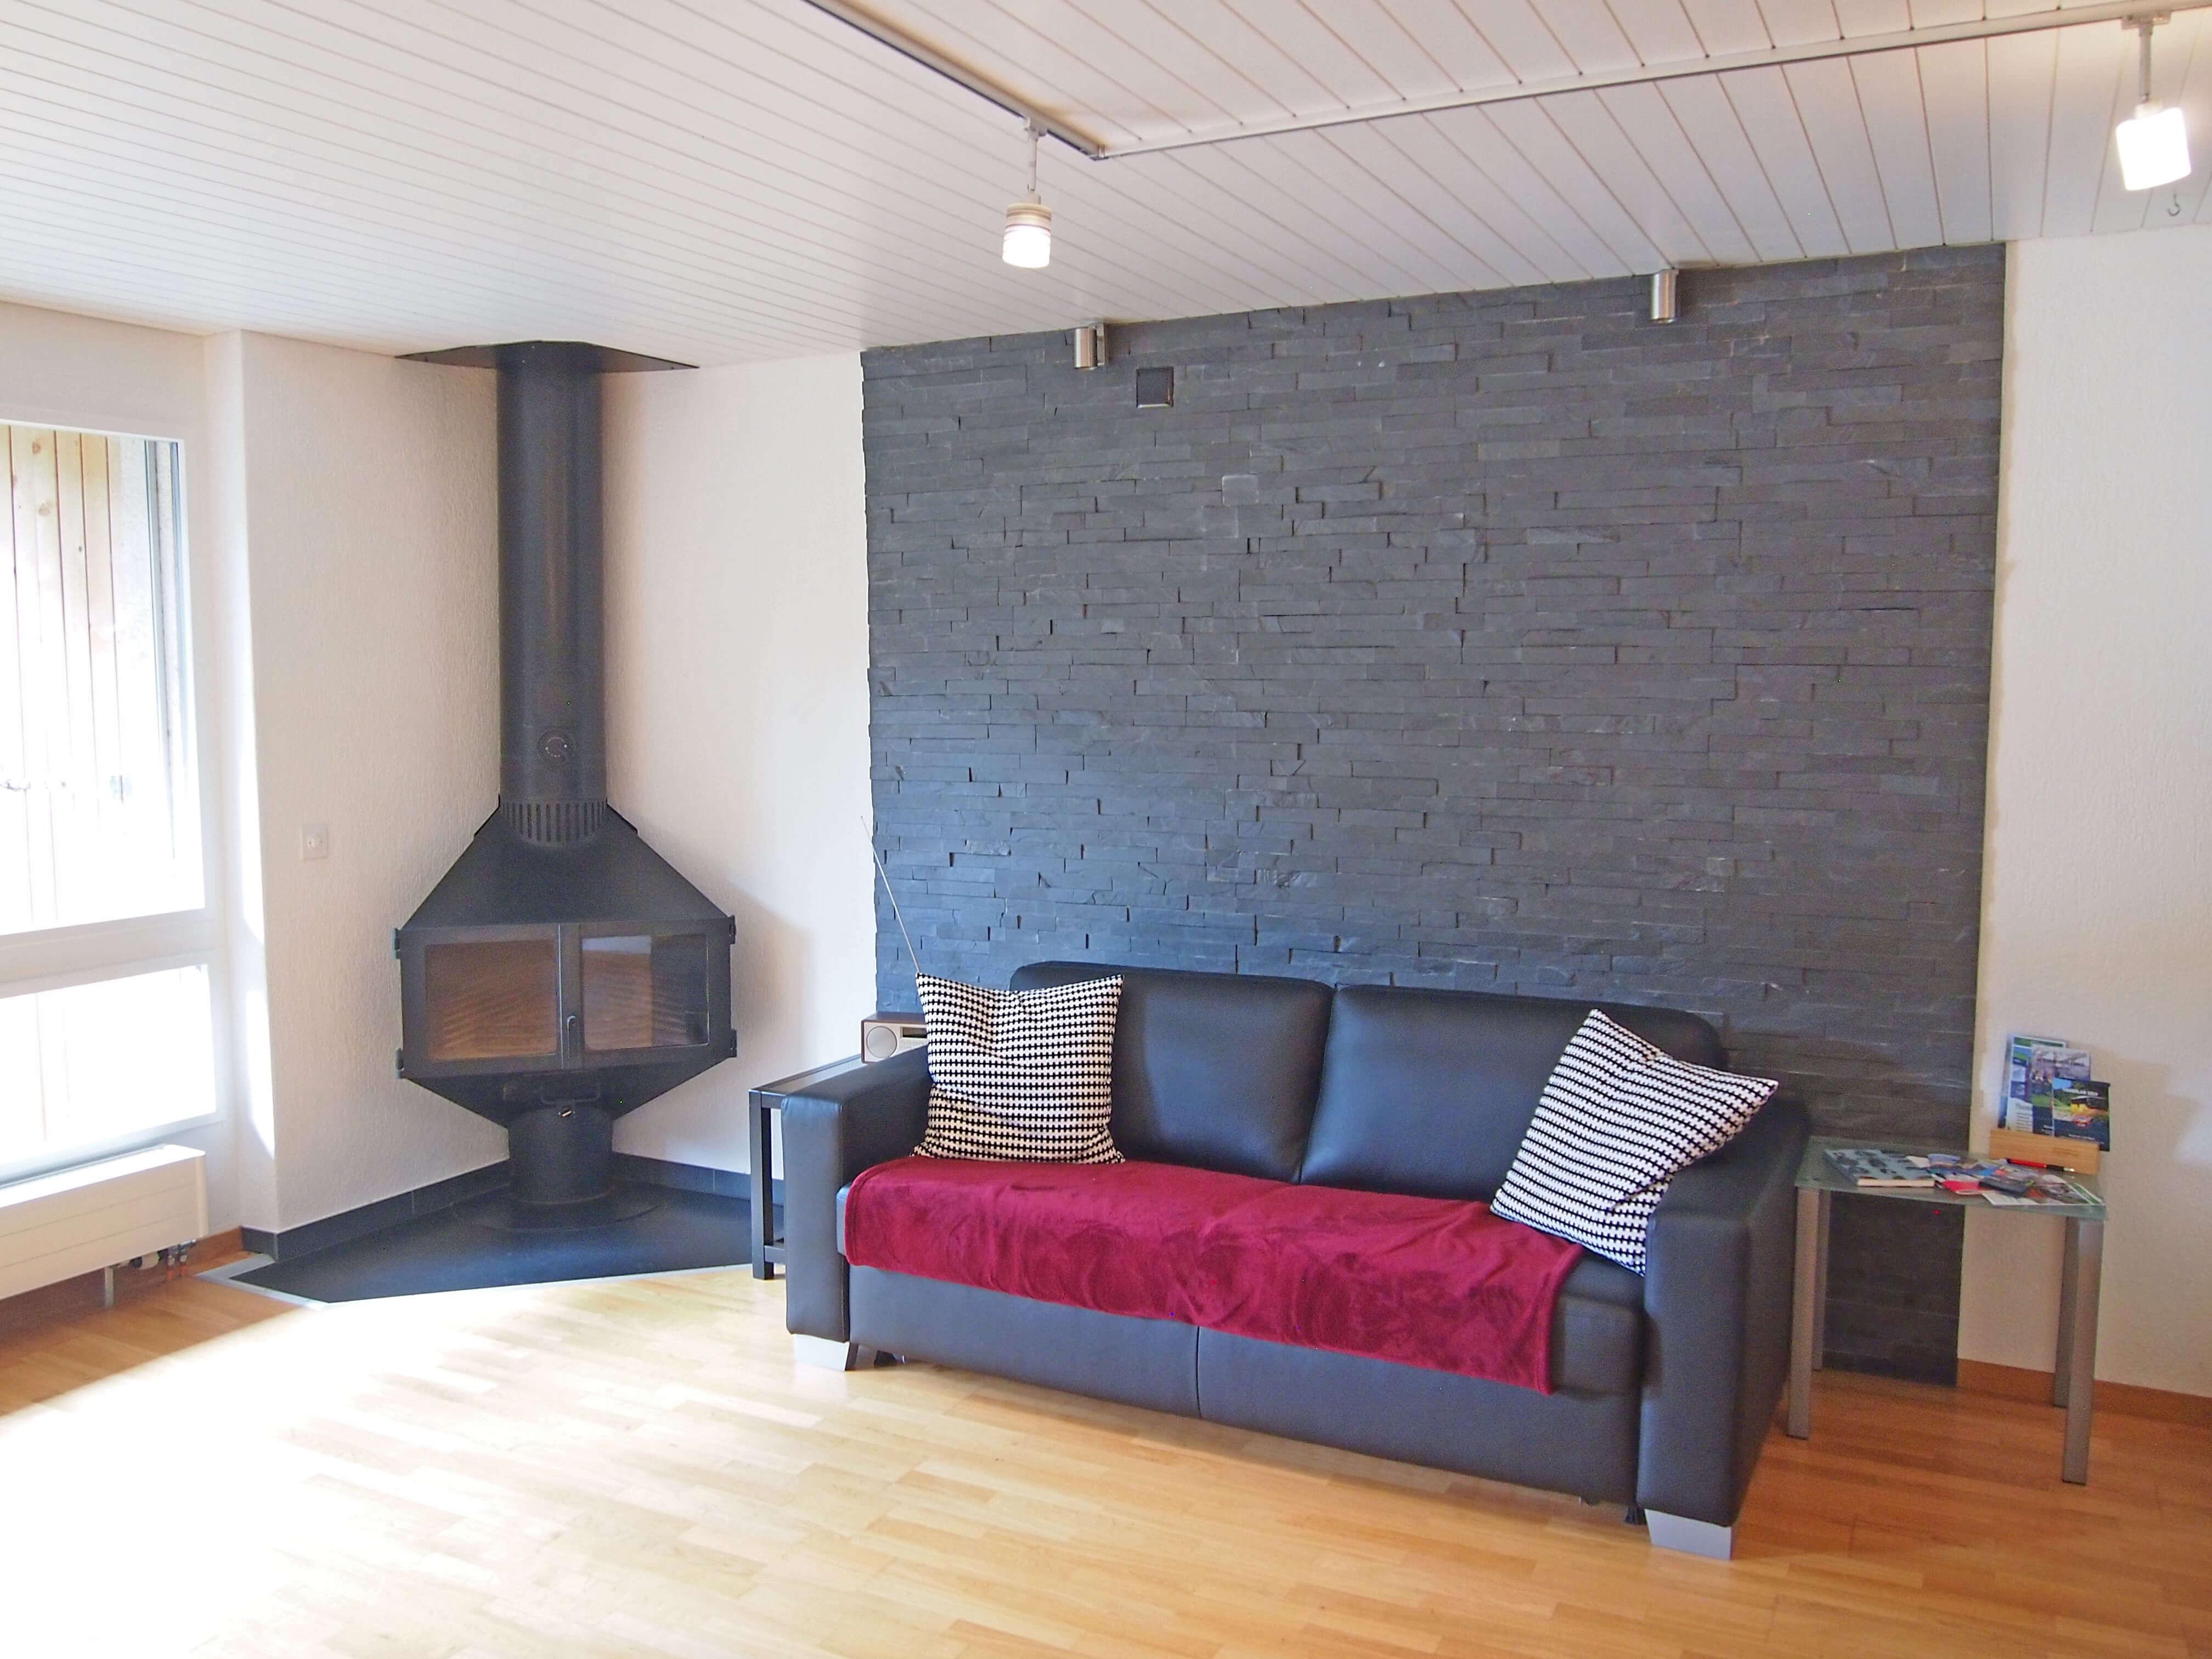 Schwedenofen und Sofa